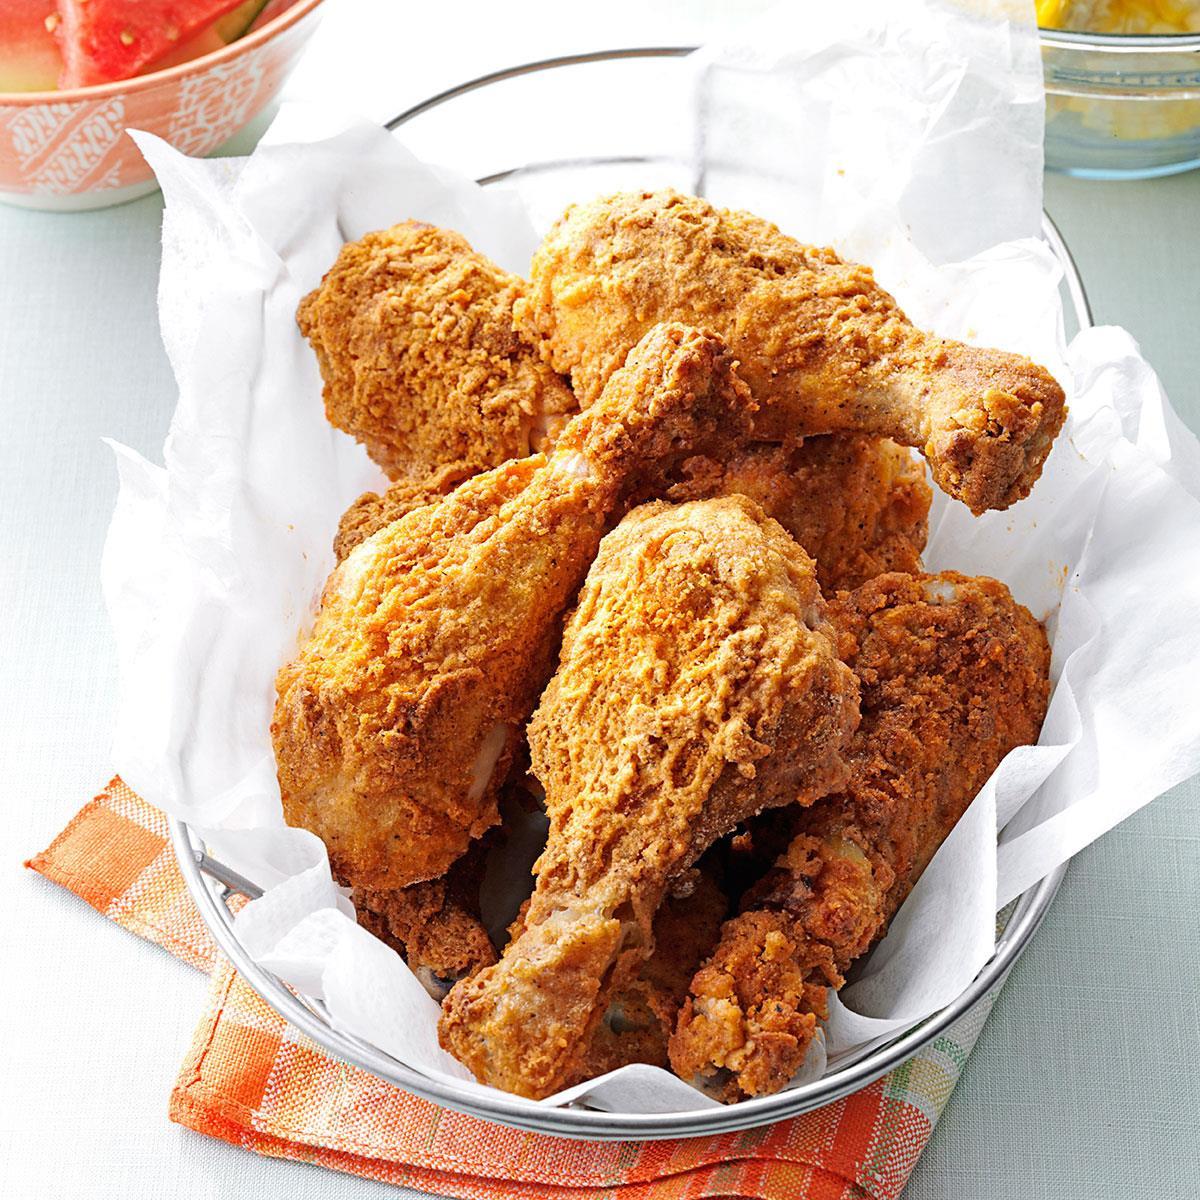 Fried Chicken Leg  Oven Fried Chicken Drumsticks Recipe